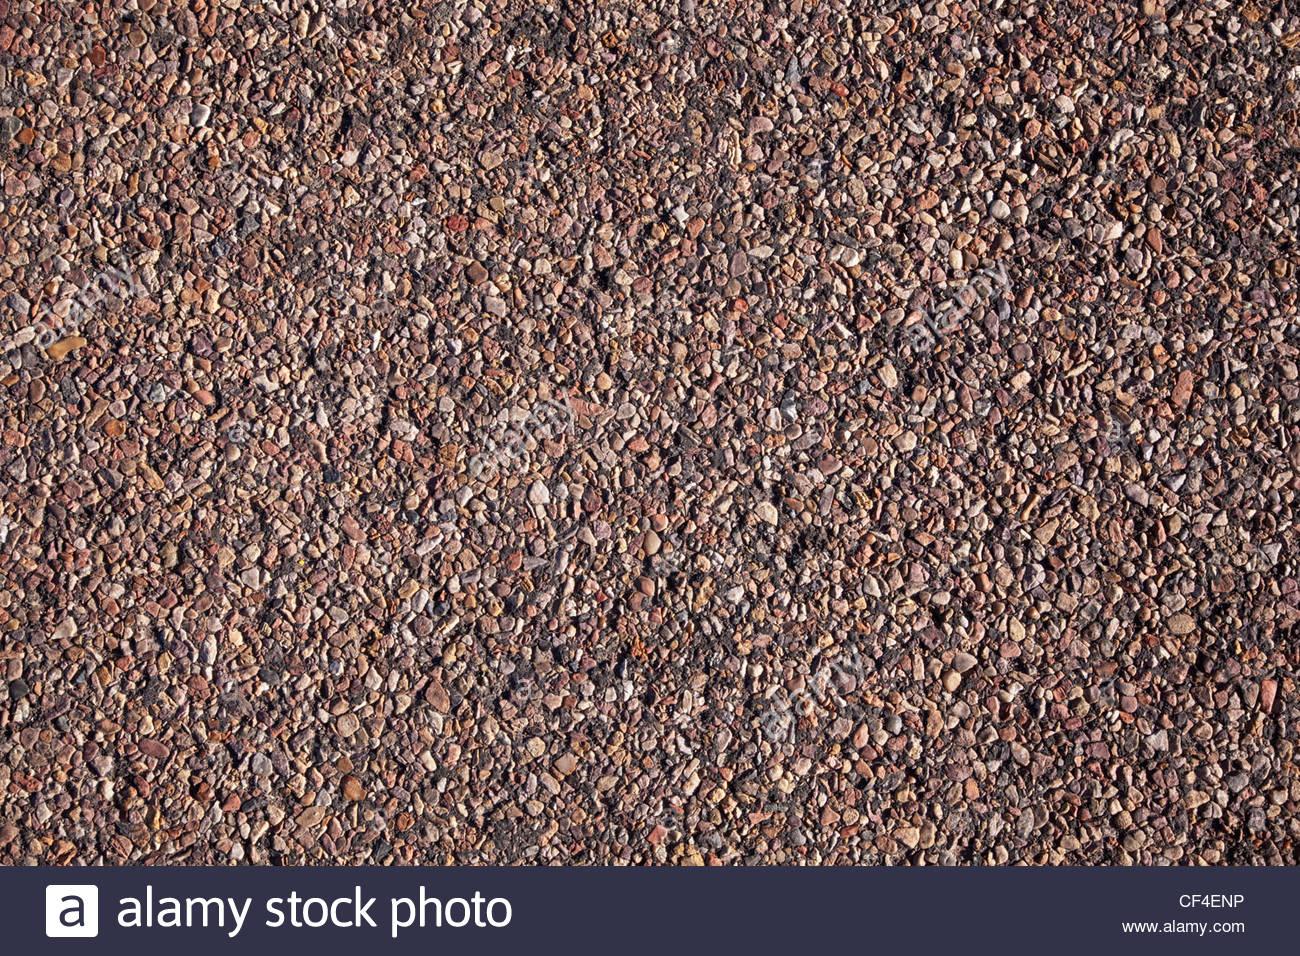 Le gravier fin dans l'asphalte de la route de l'Arizona Surface Texture Background Photo Stock